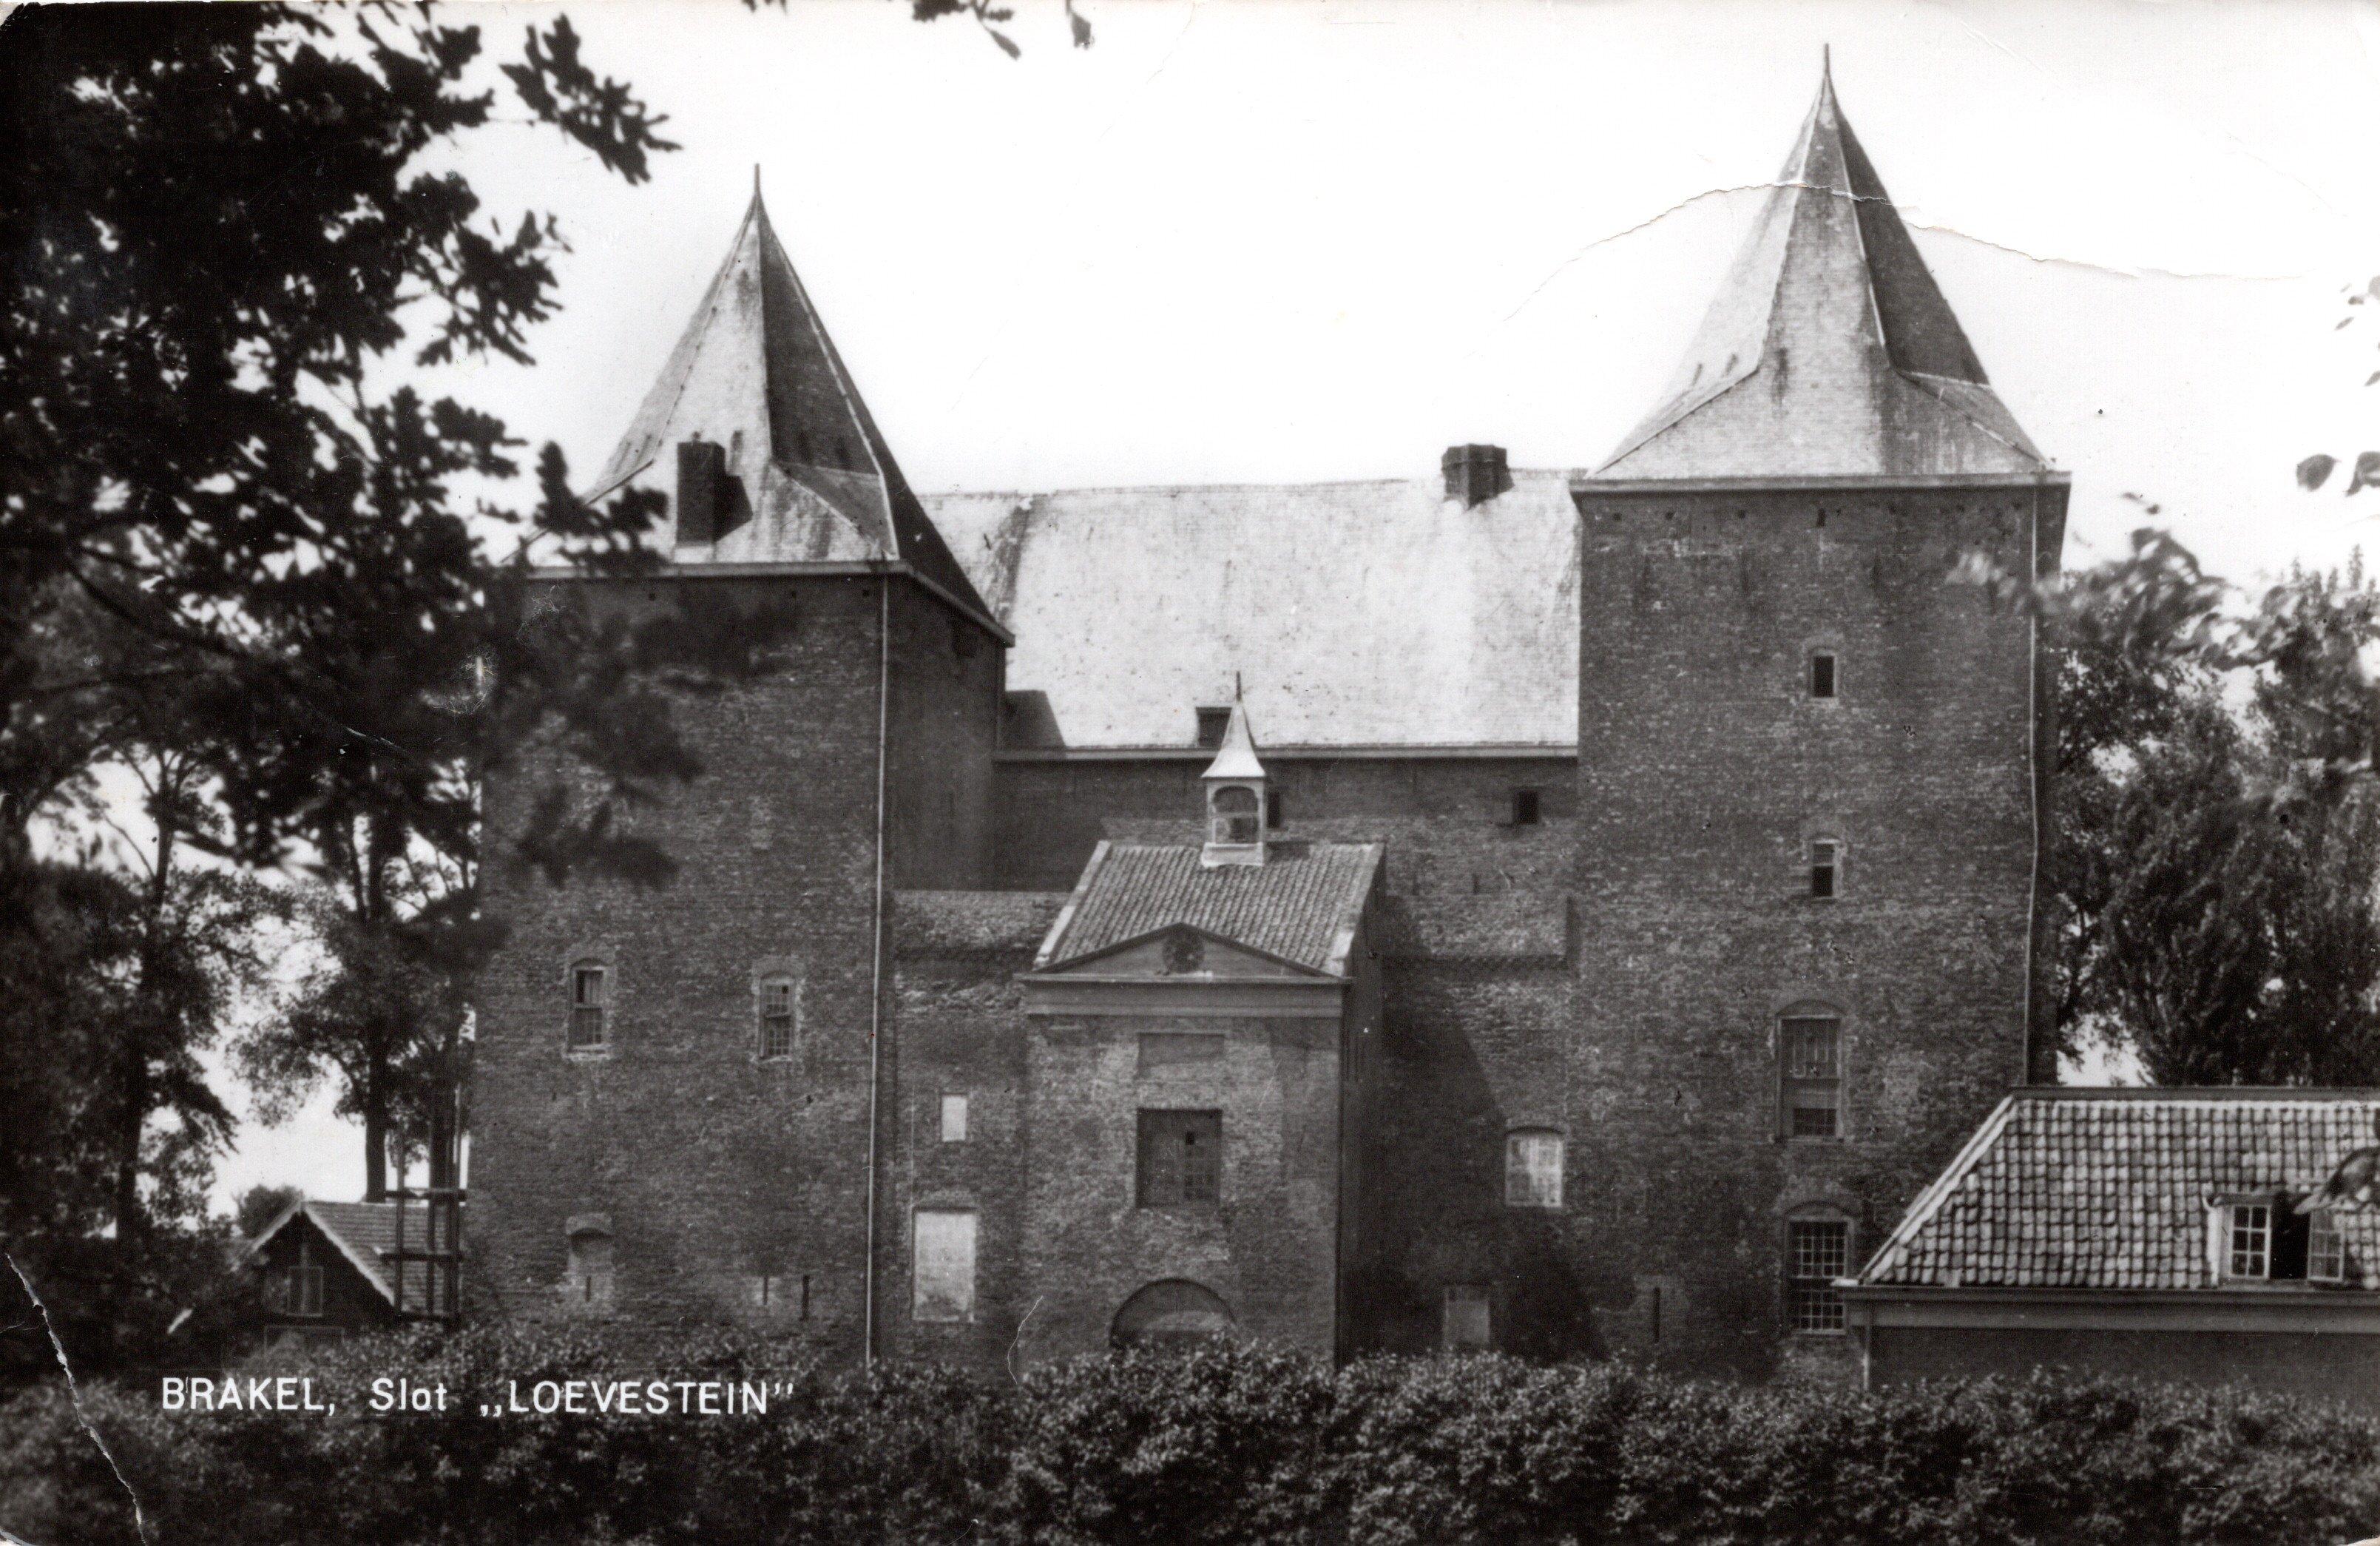 B13-Brakel-Slot-Loevestein-1976